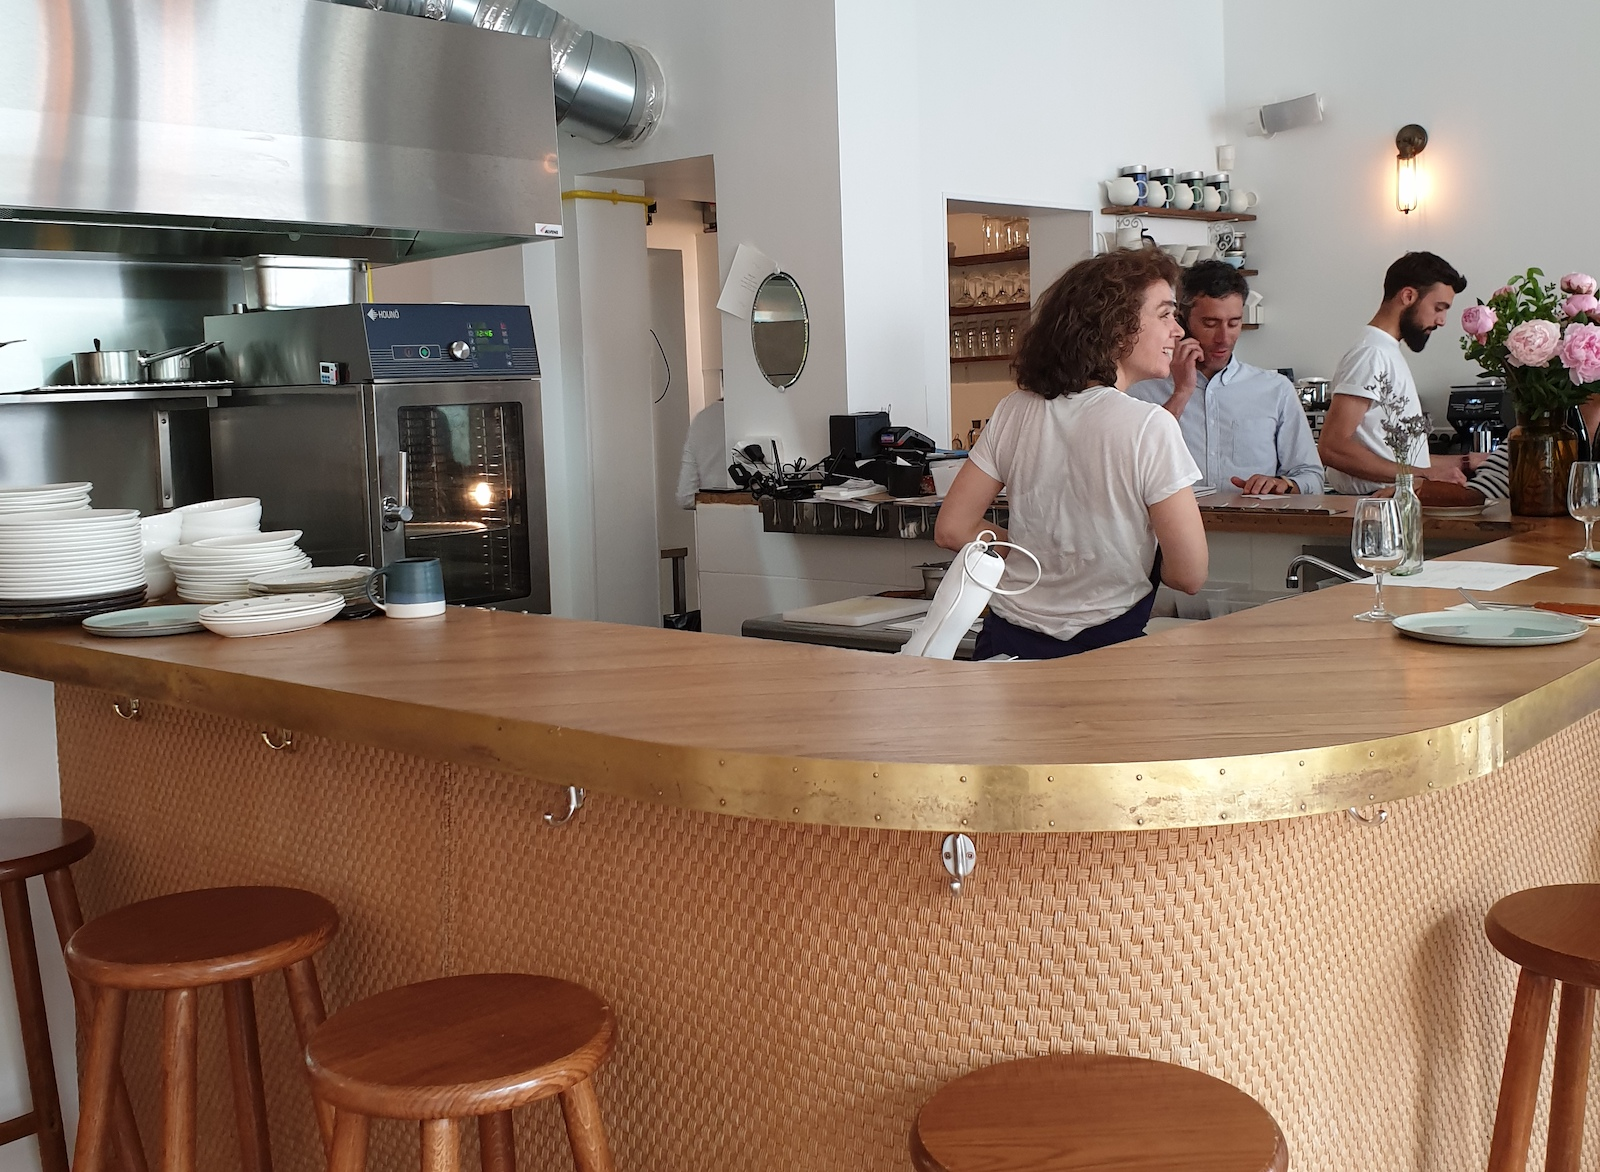 Coucou cafe restaurant paris 1